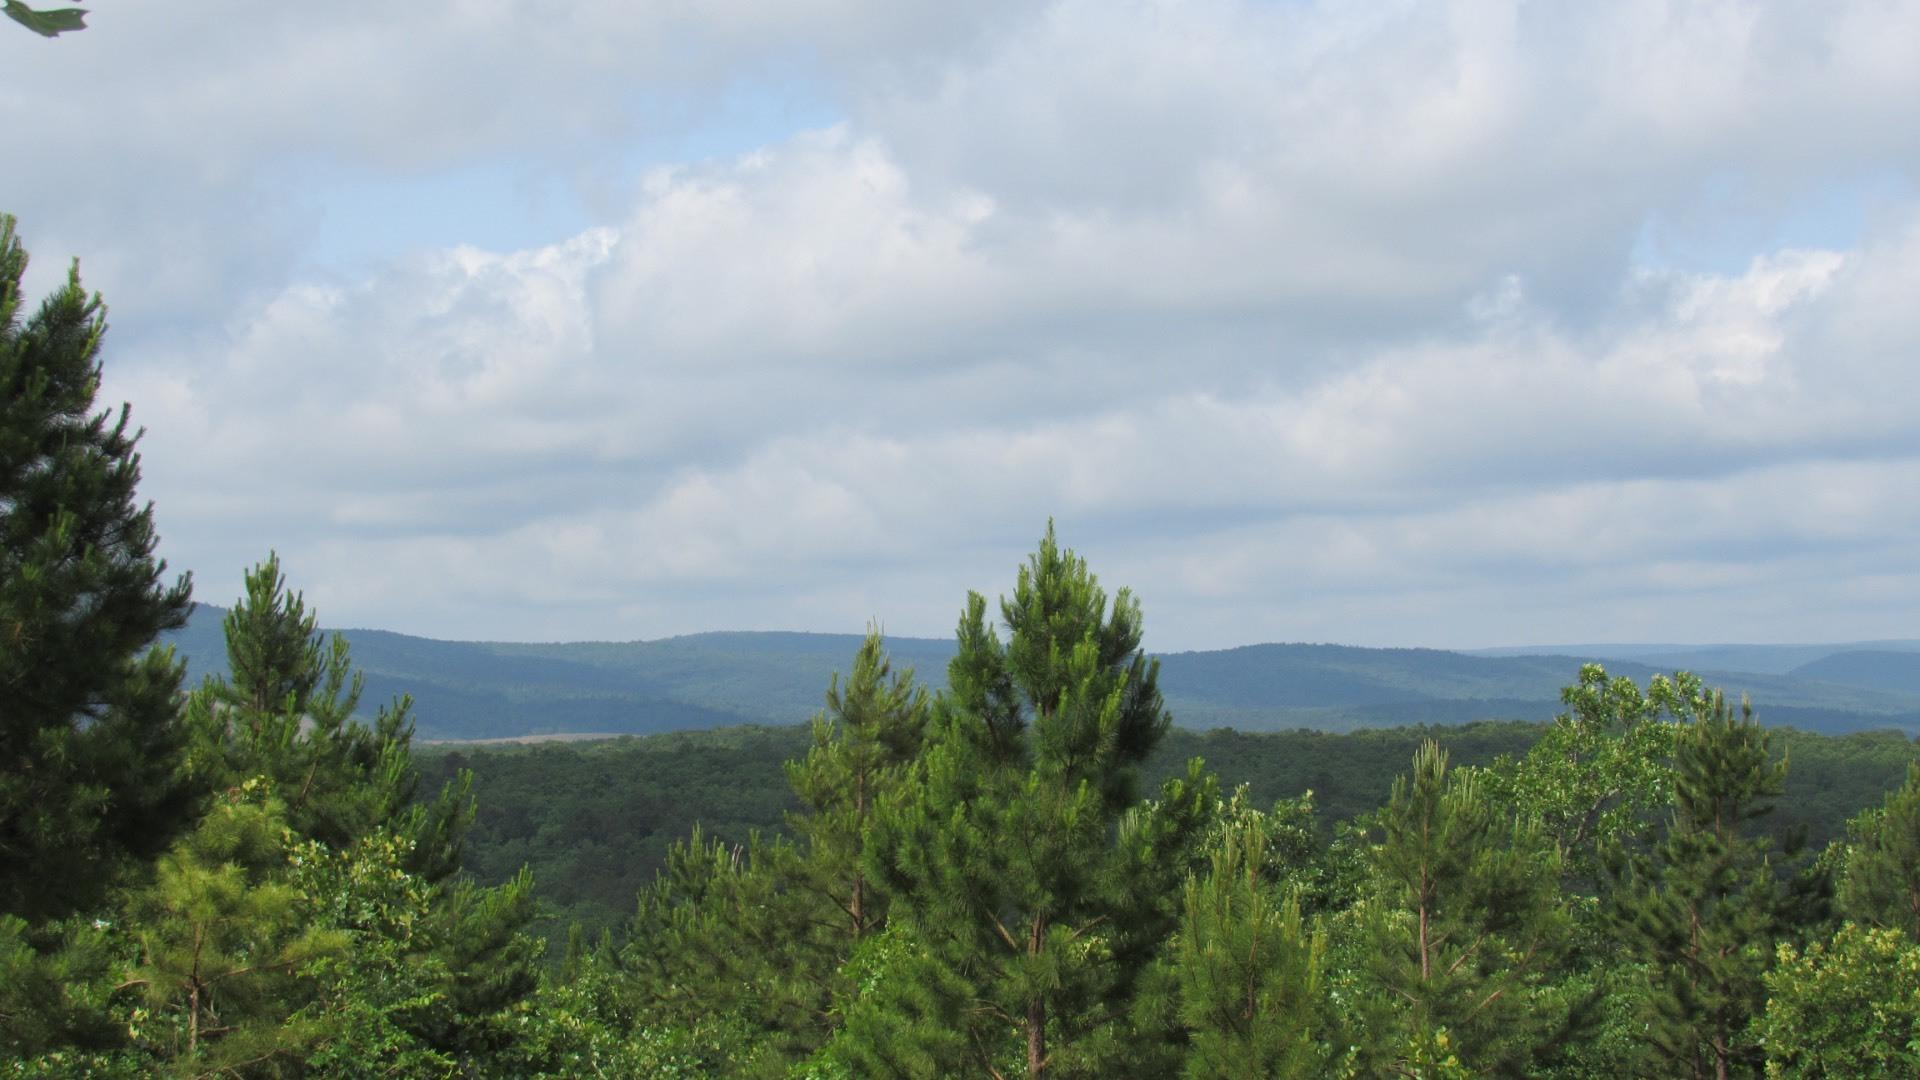 Mountain View  | Panoramic Mountain Views Le Flore, OK  0